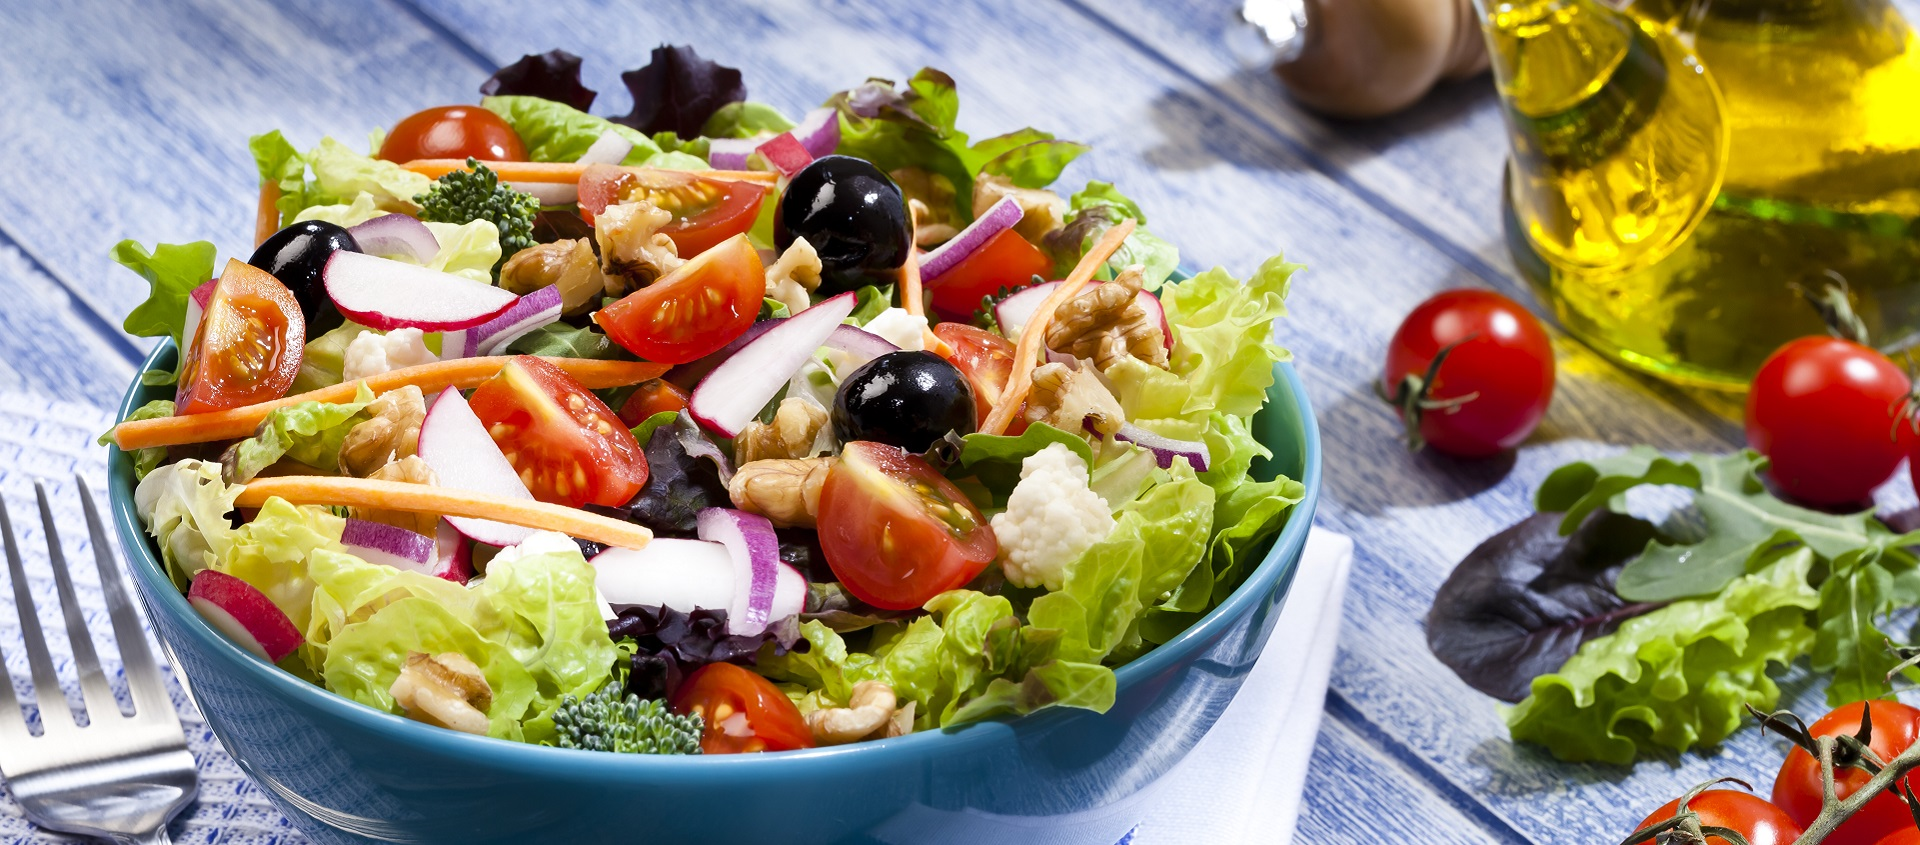 Alimentação também ajuda a prevenir o câncer de mama